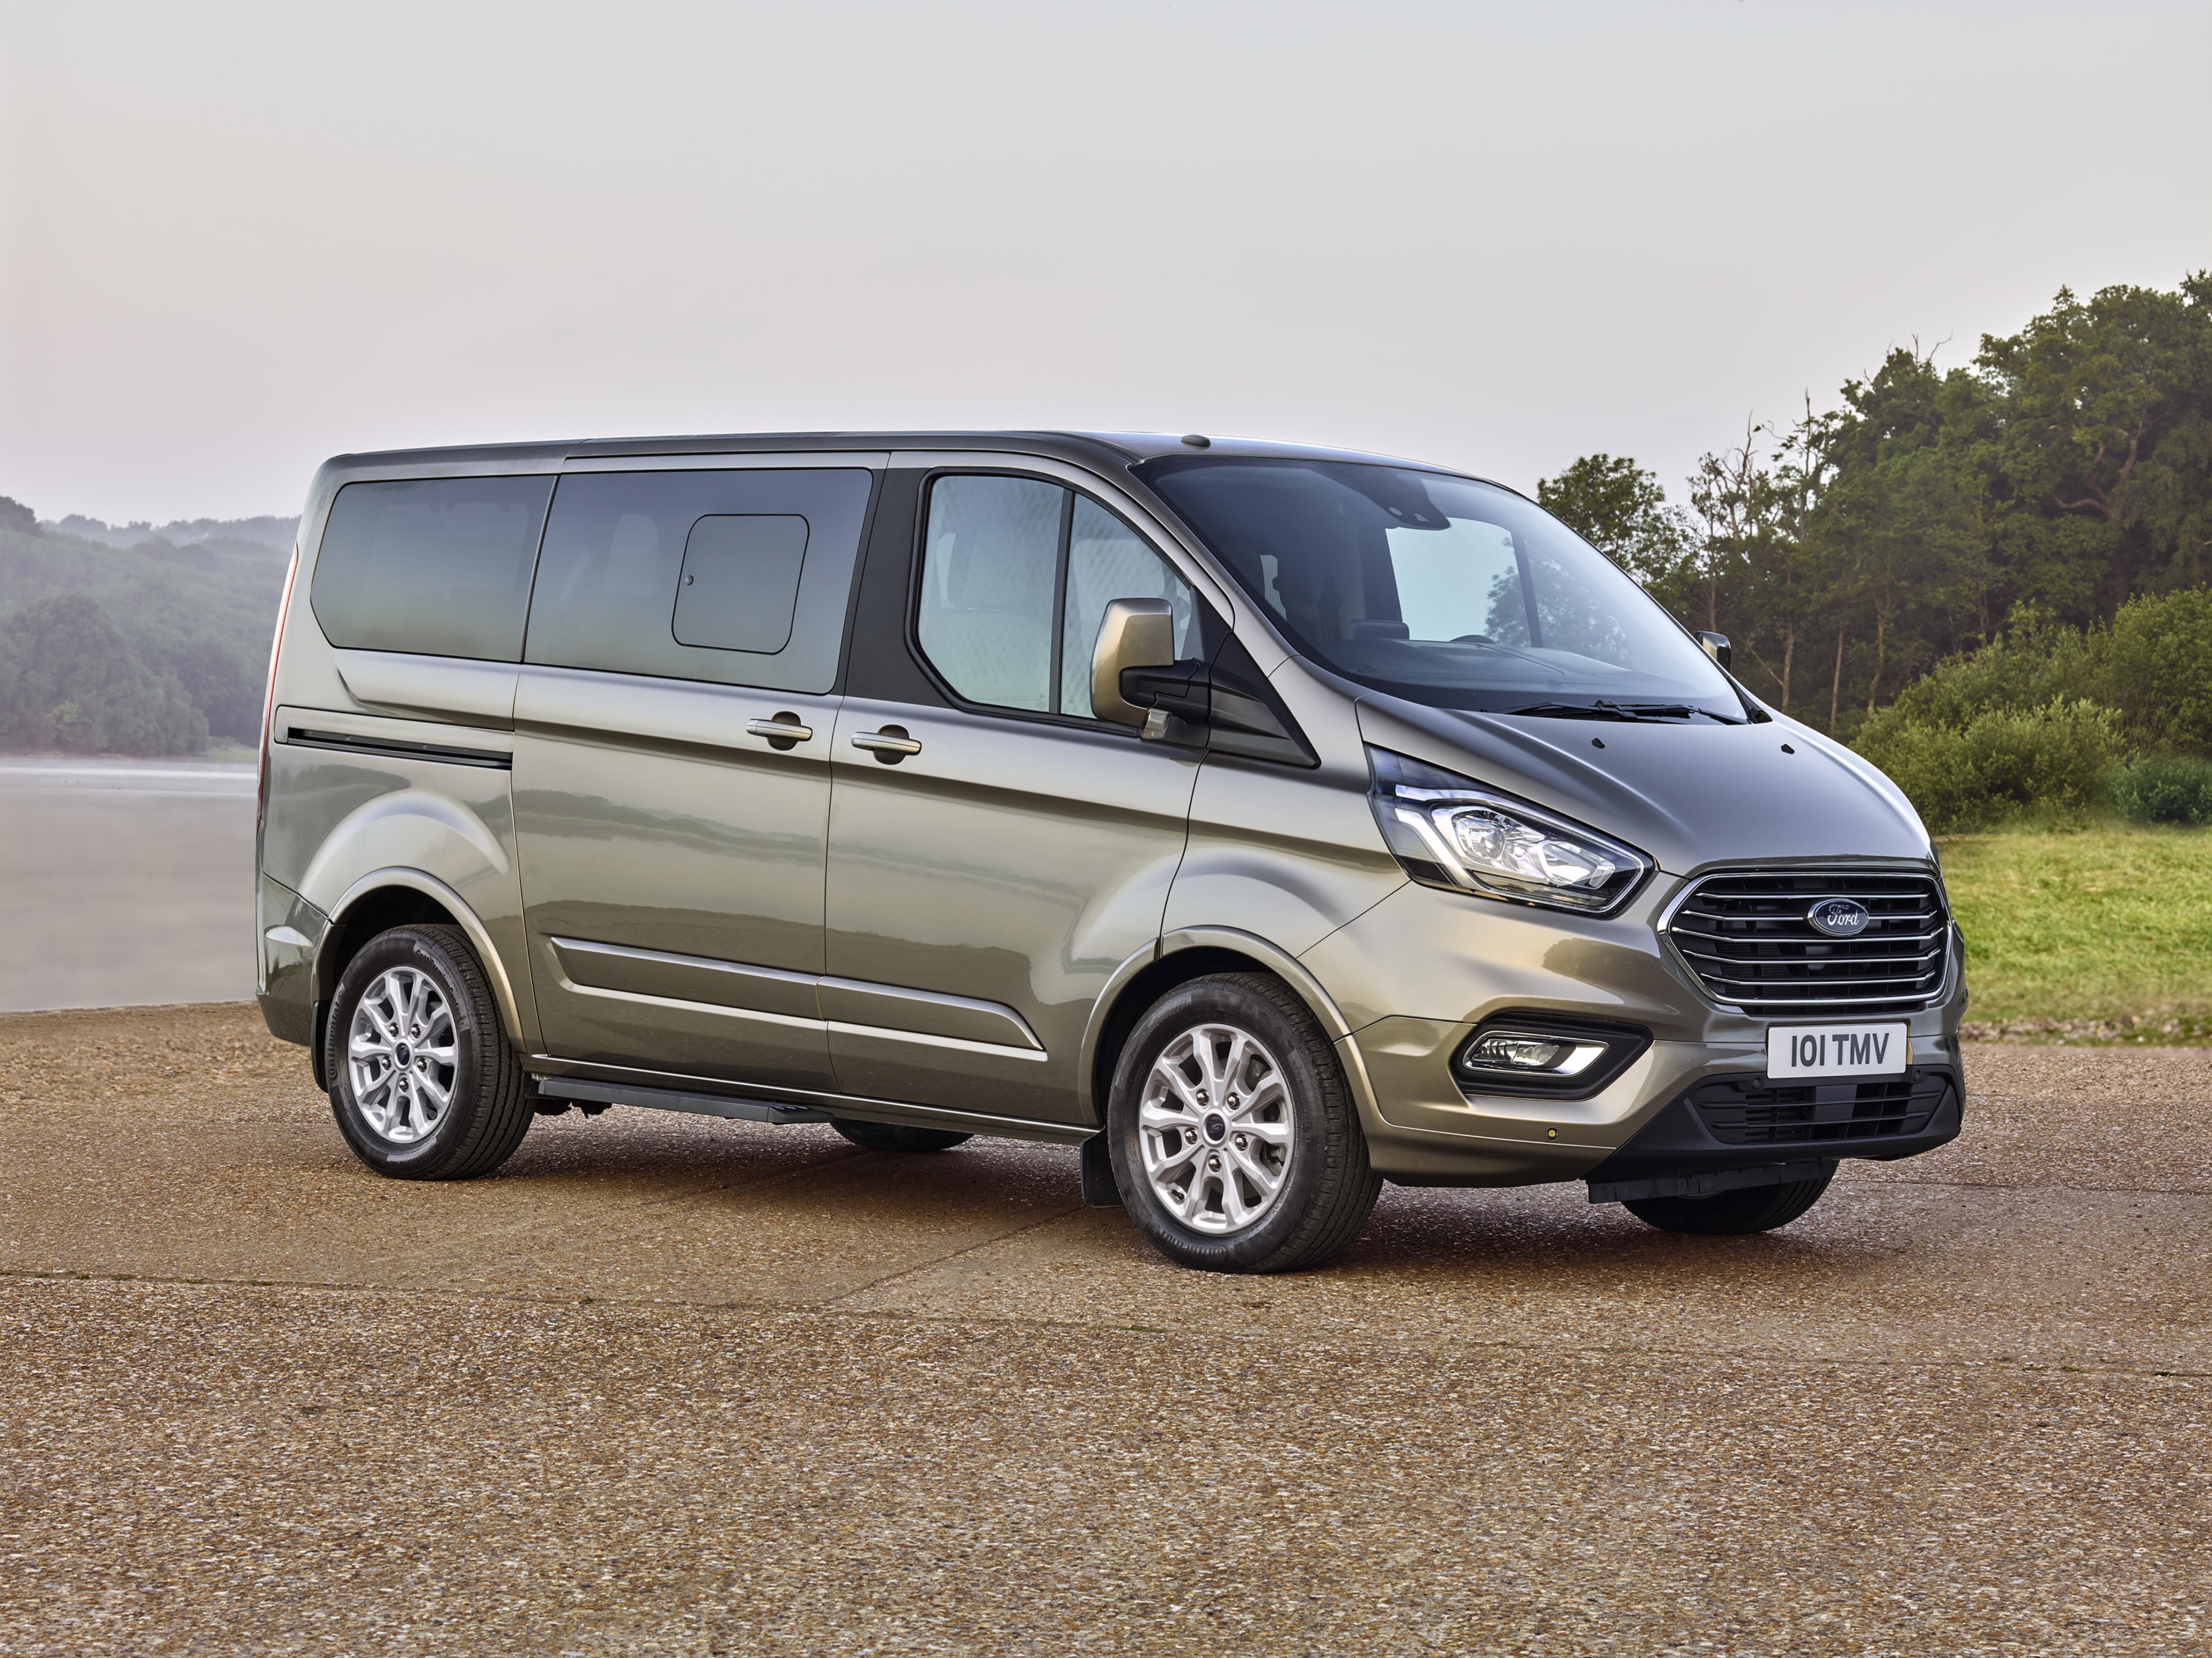 Neuer Ford Tourneo Custom Der Ideale Personentransporter Fur Business Und Freizeit